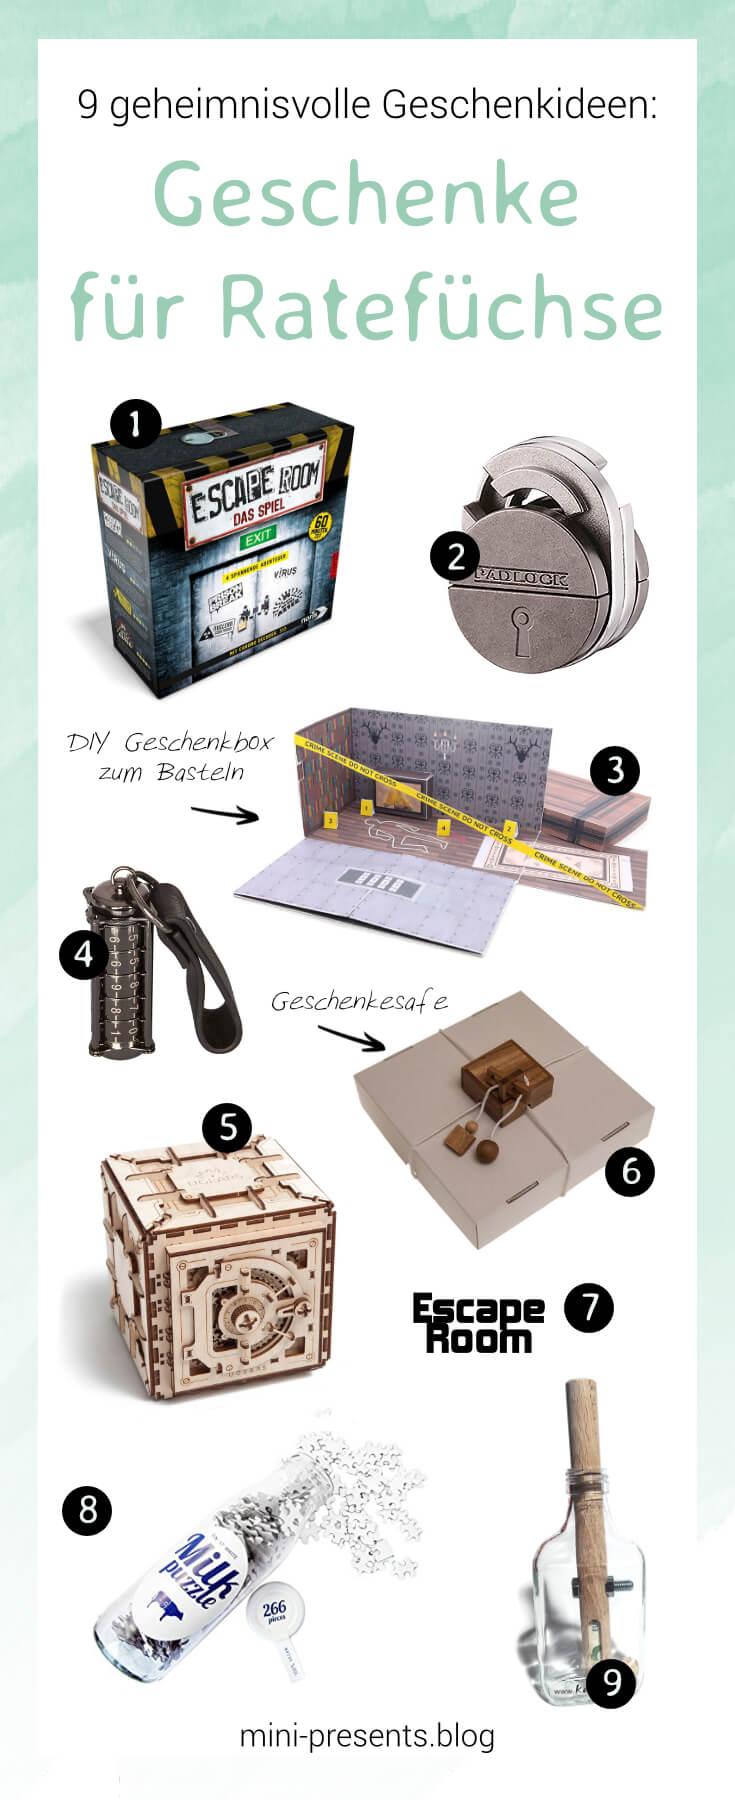 mini-presents Escaperoom Geschenkideen